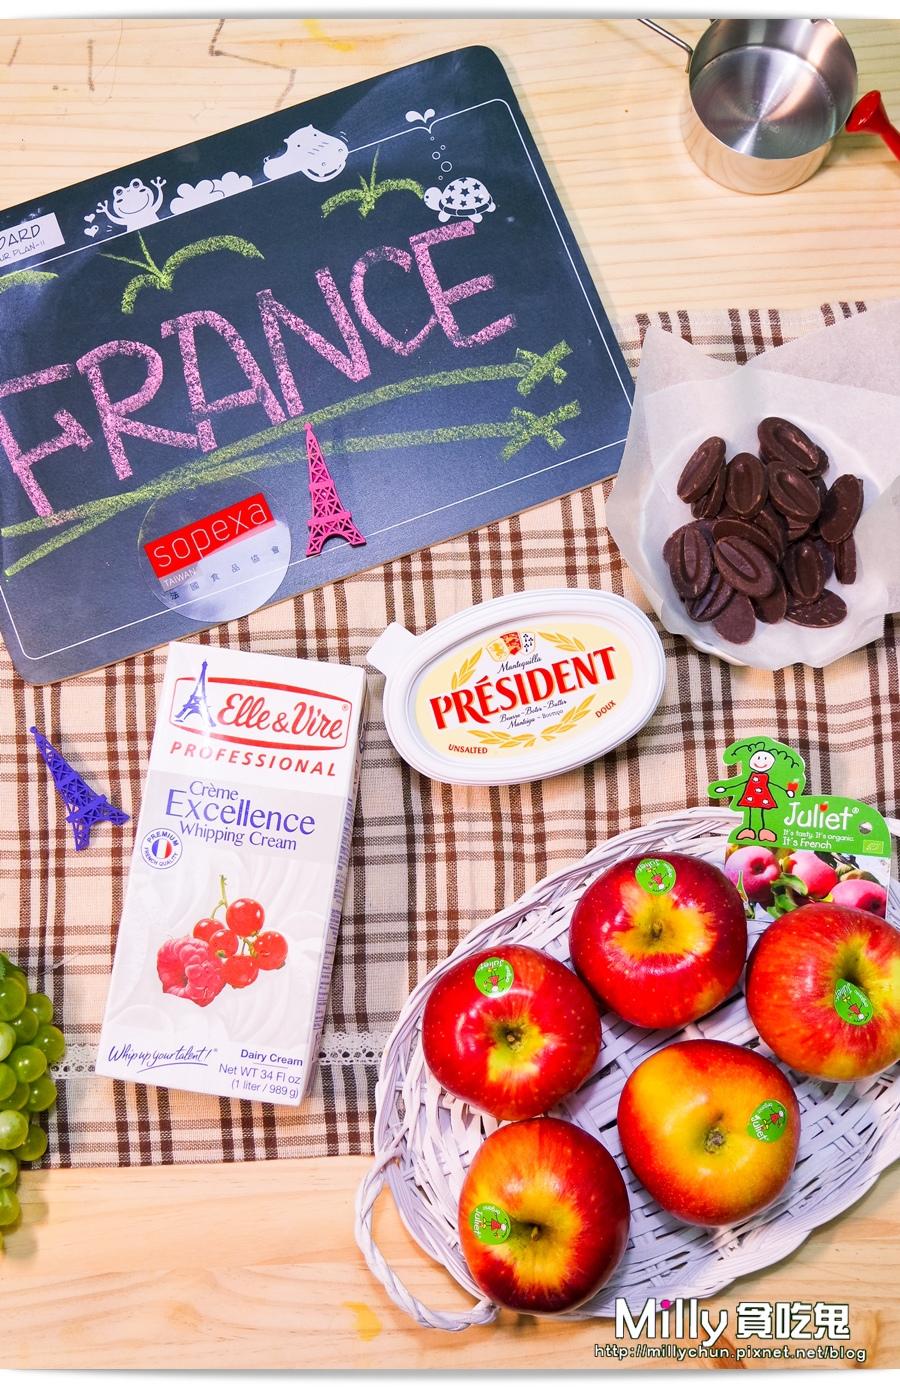 法國食品協會 00027.jpg